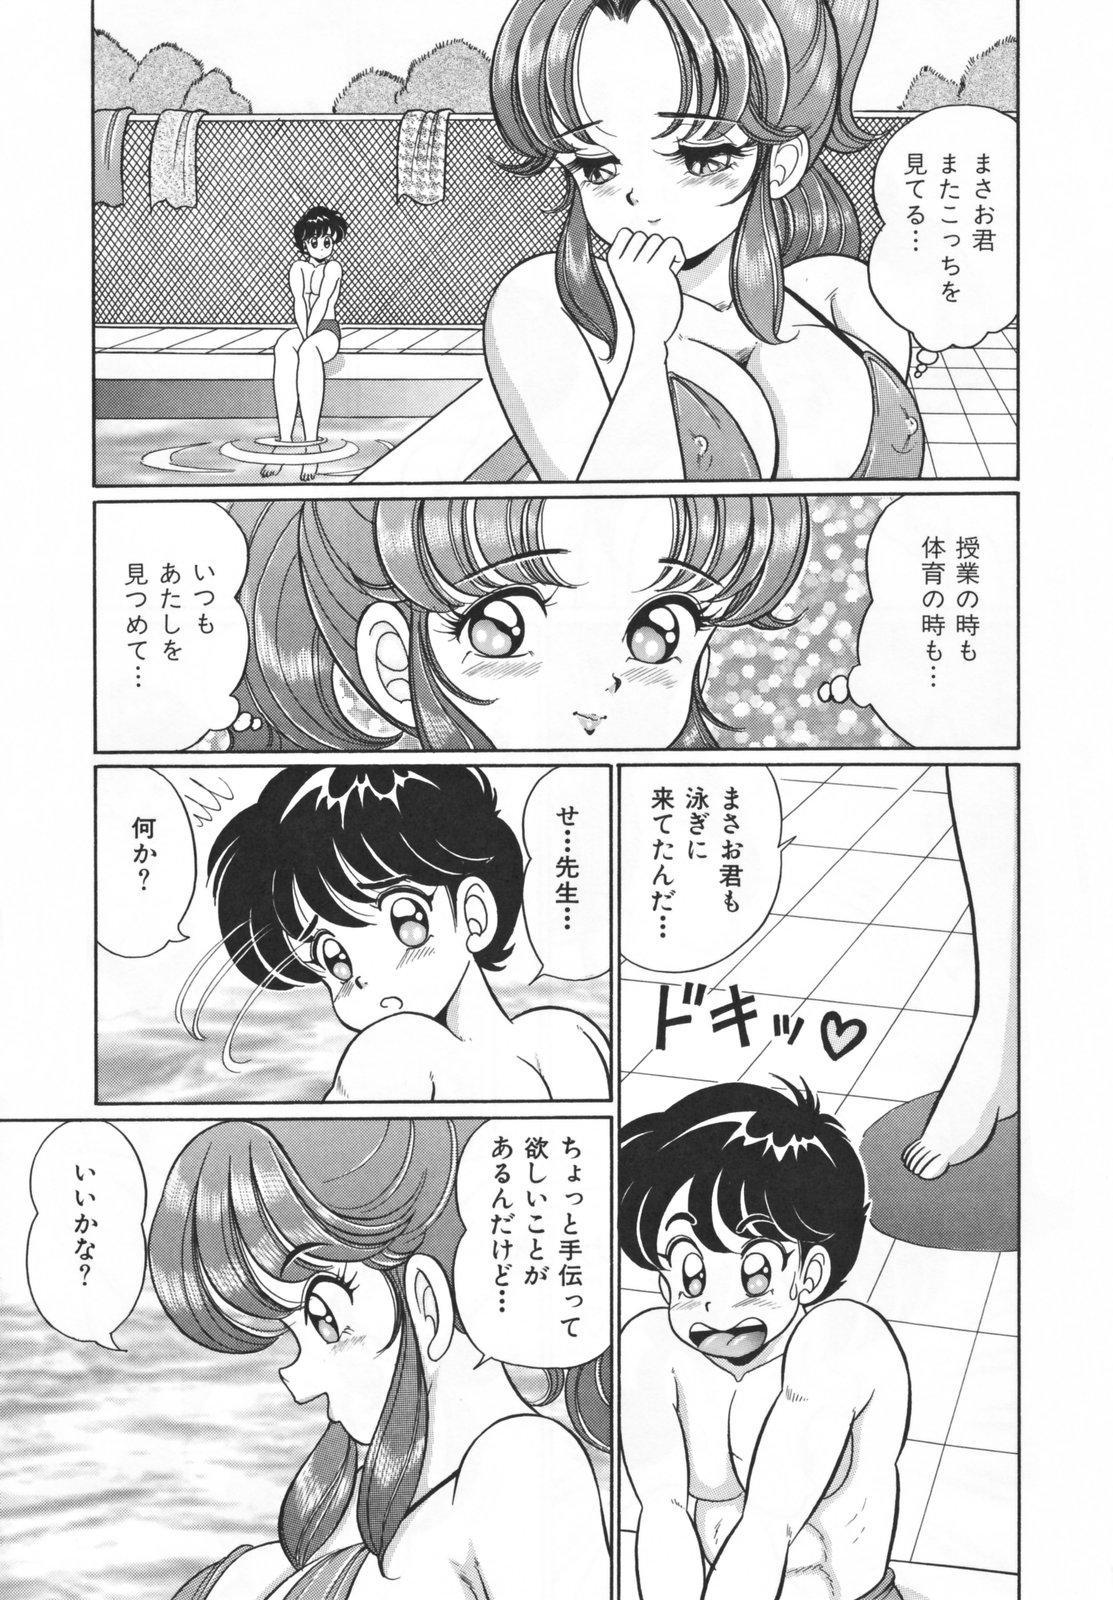 Houkago no Bakunyuu Hatsutaiken 48